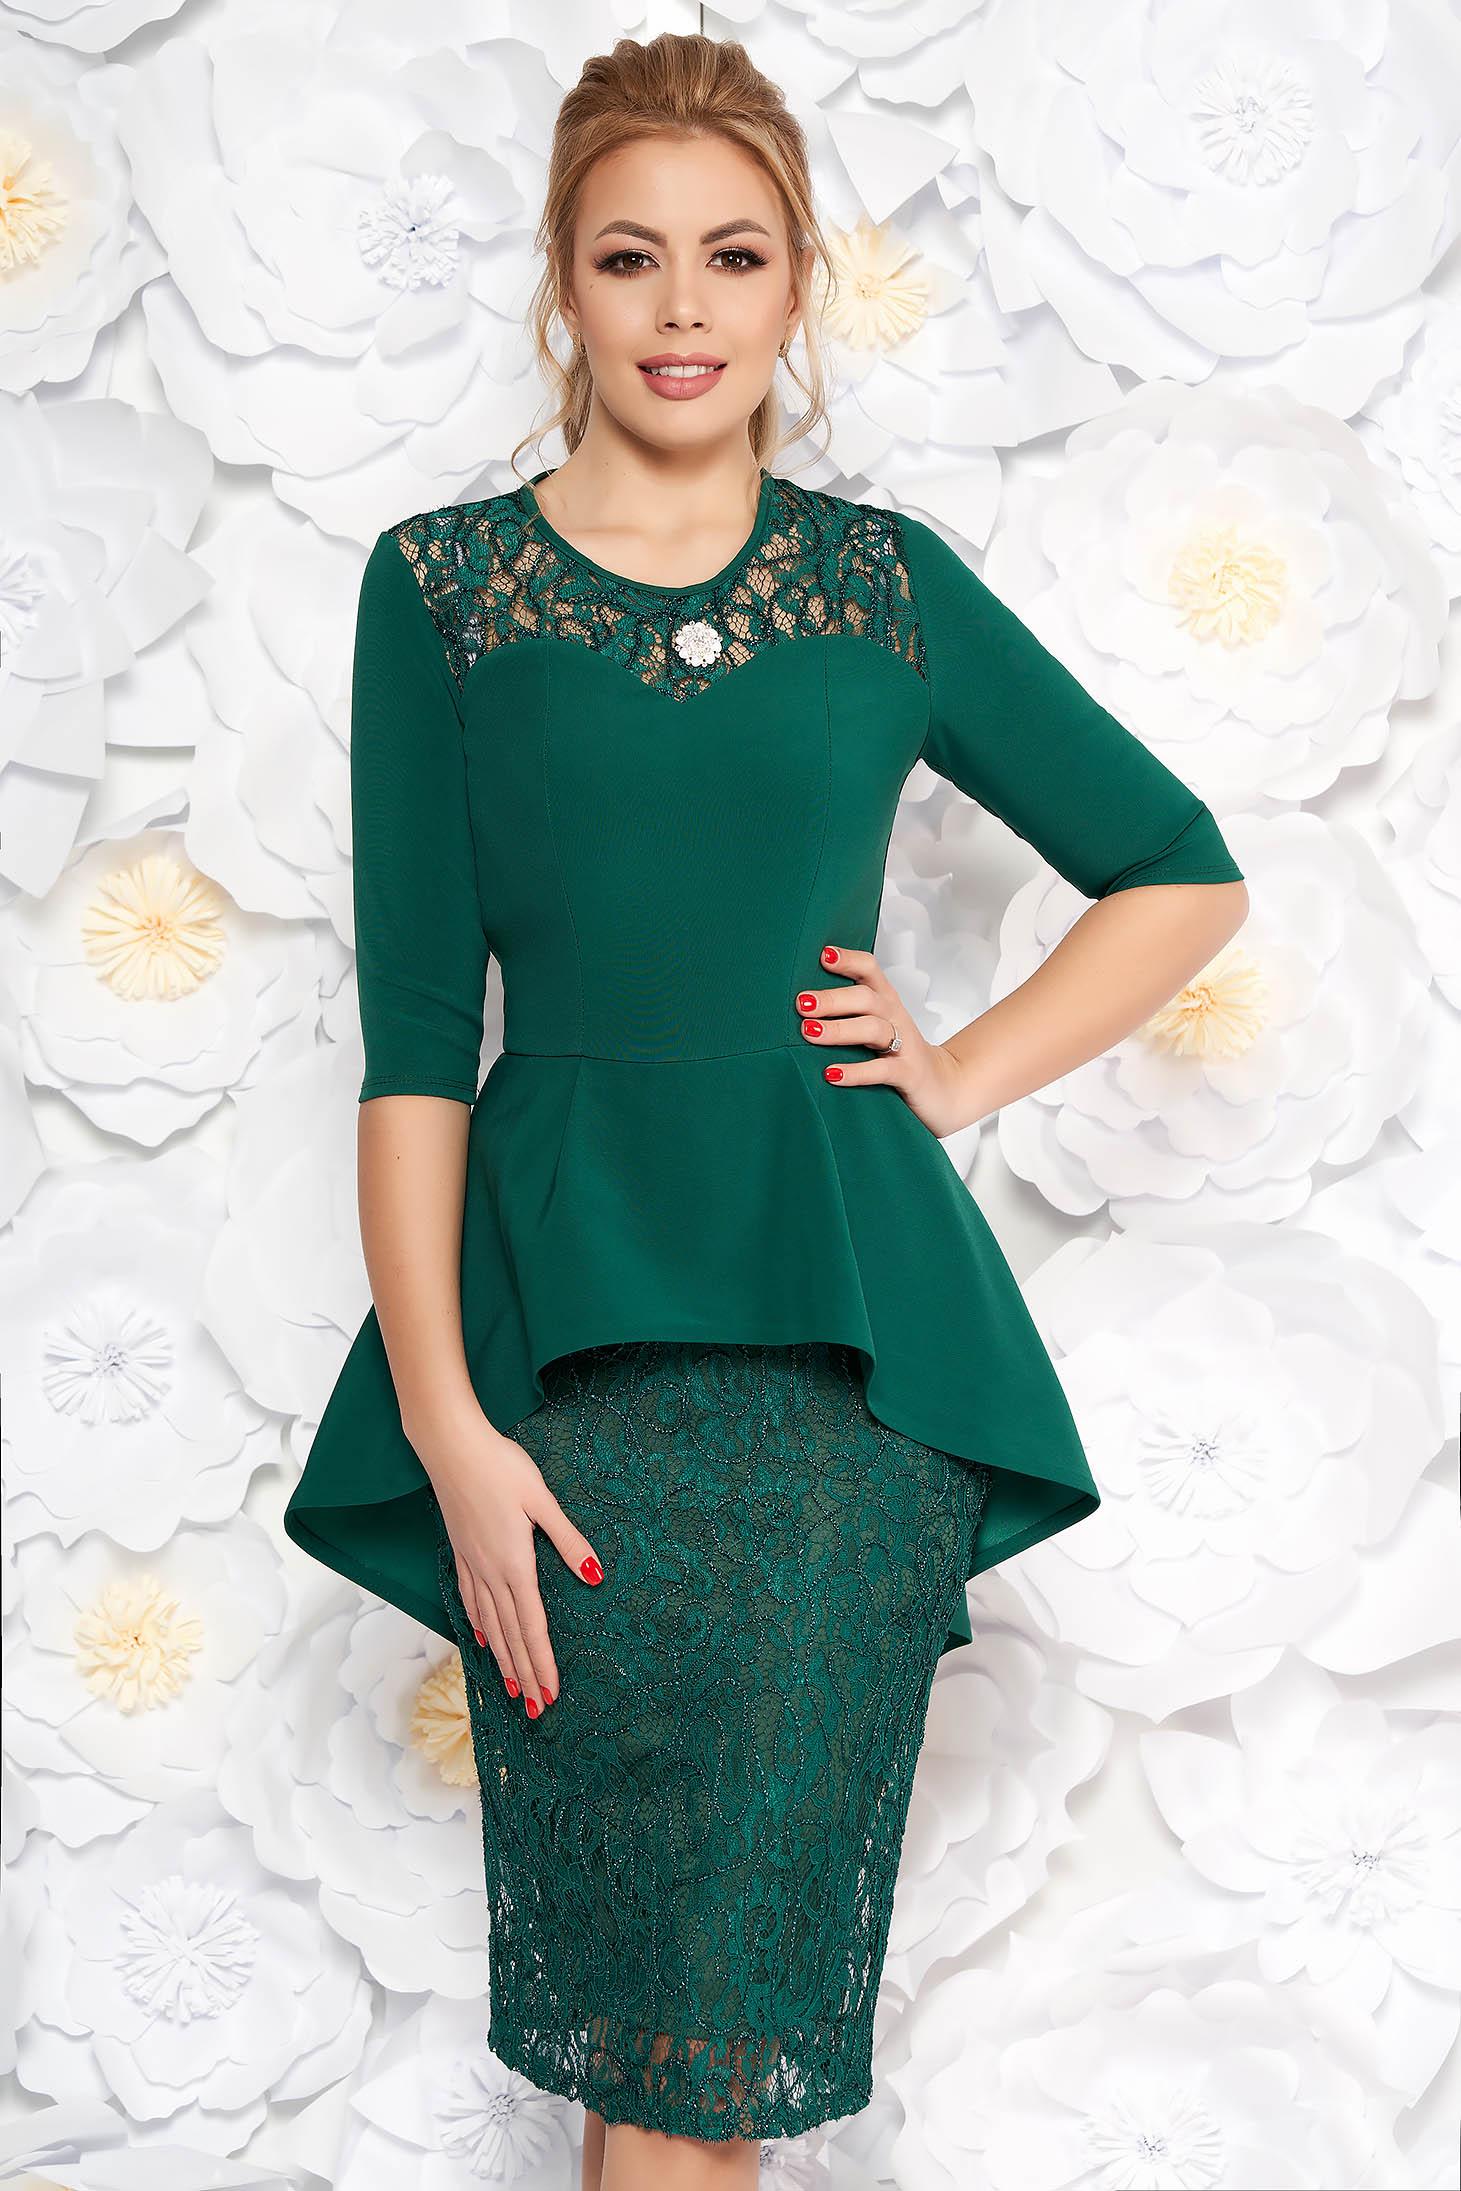 Rochie verde de ocazie tip creion din dantela cu peplum accesorizata cu cordon